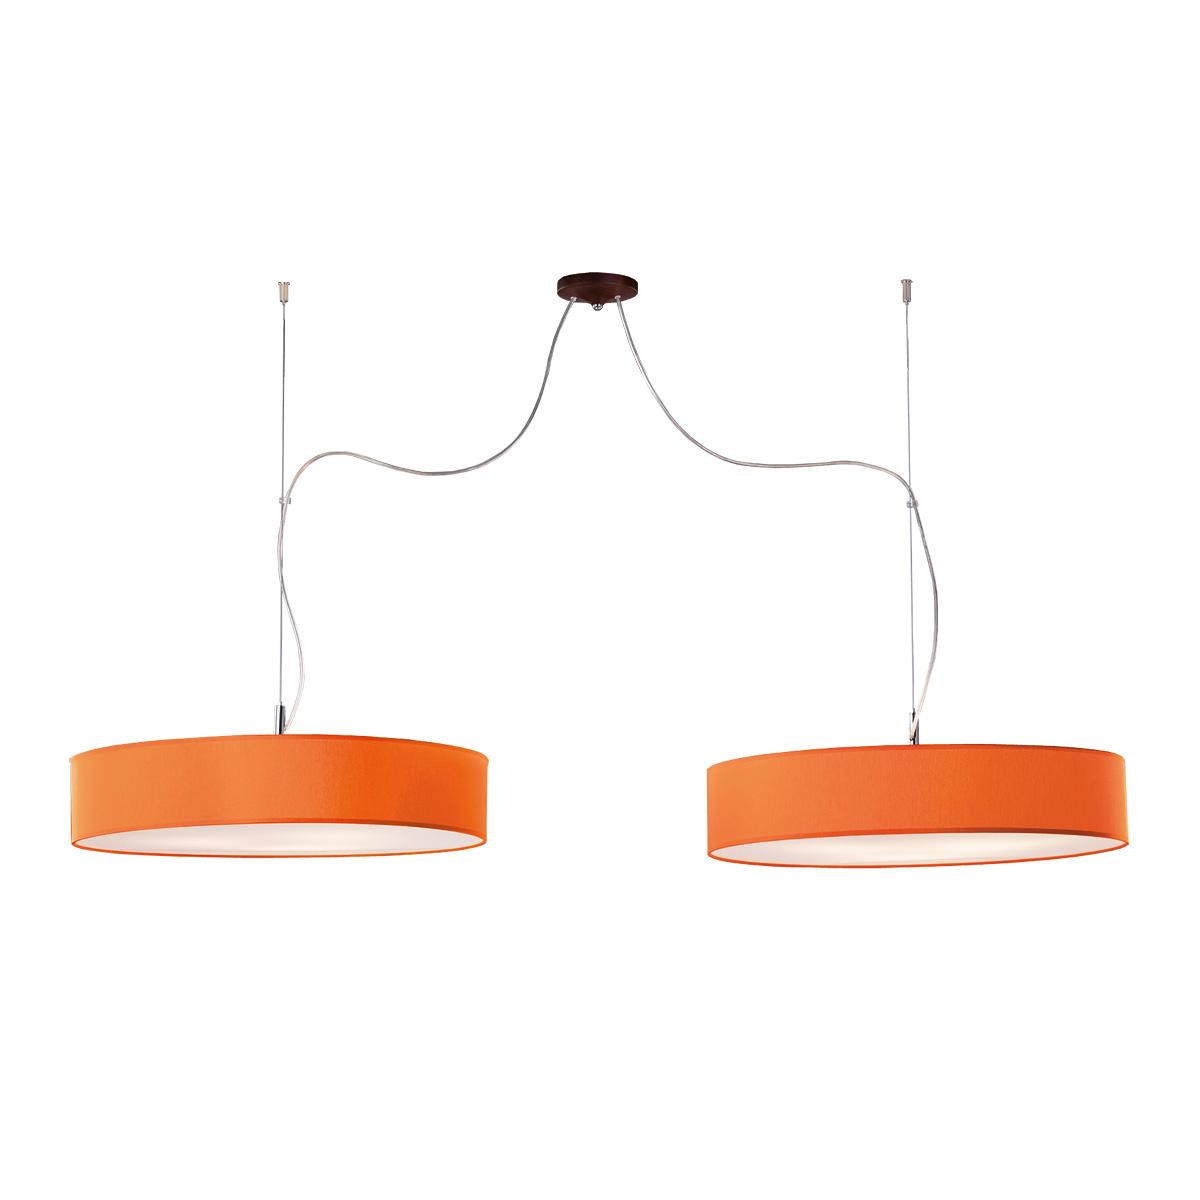 Δίφωτο πορτοκαλί κρεμαστό φωτιστικό DISCO ZEN orange hanging lamp